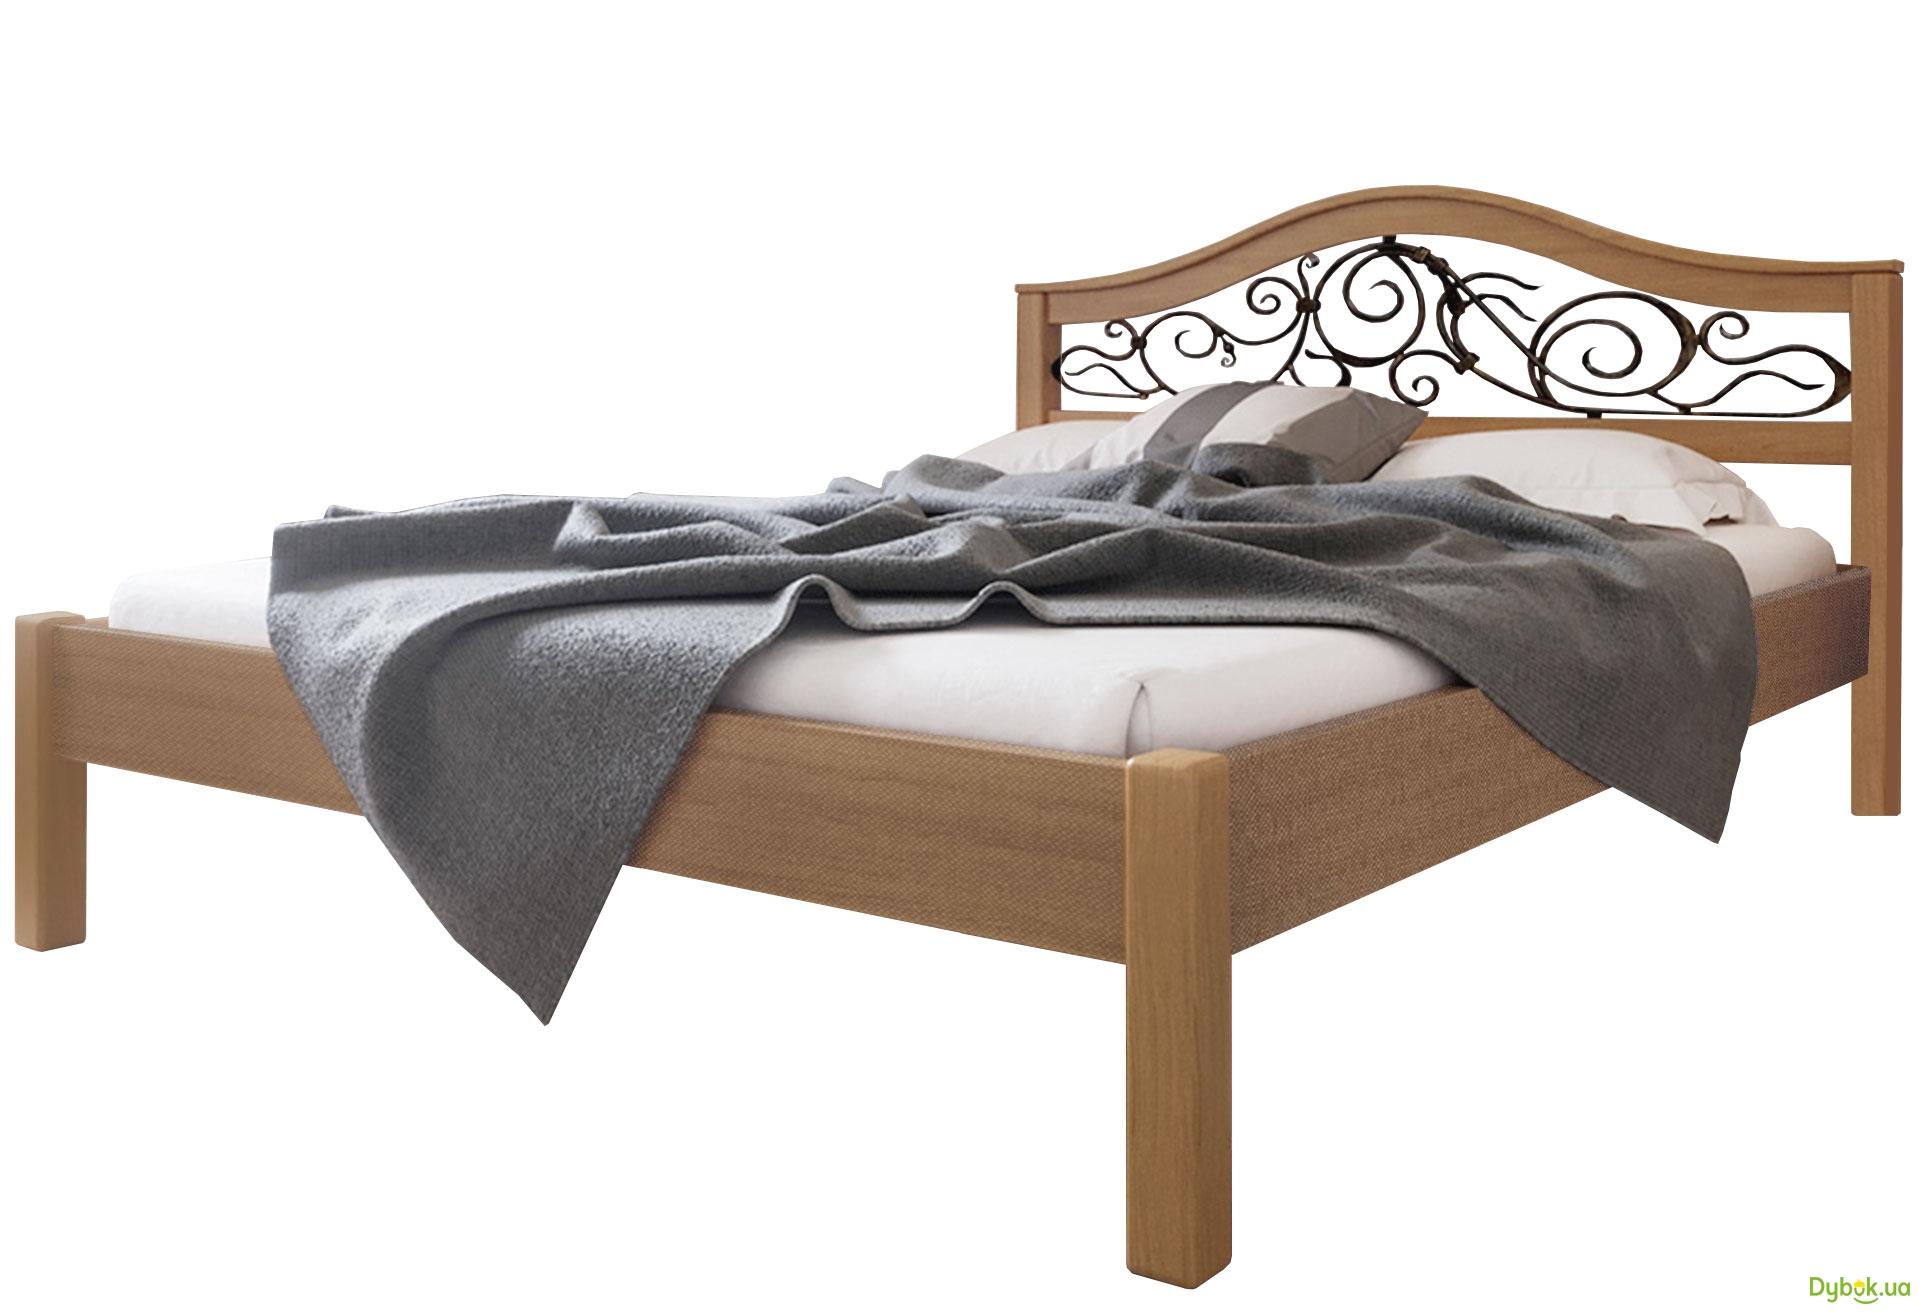 Як вибрати гарне і зручне ліжко для спальні*